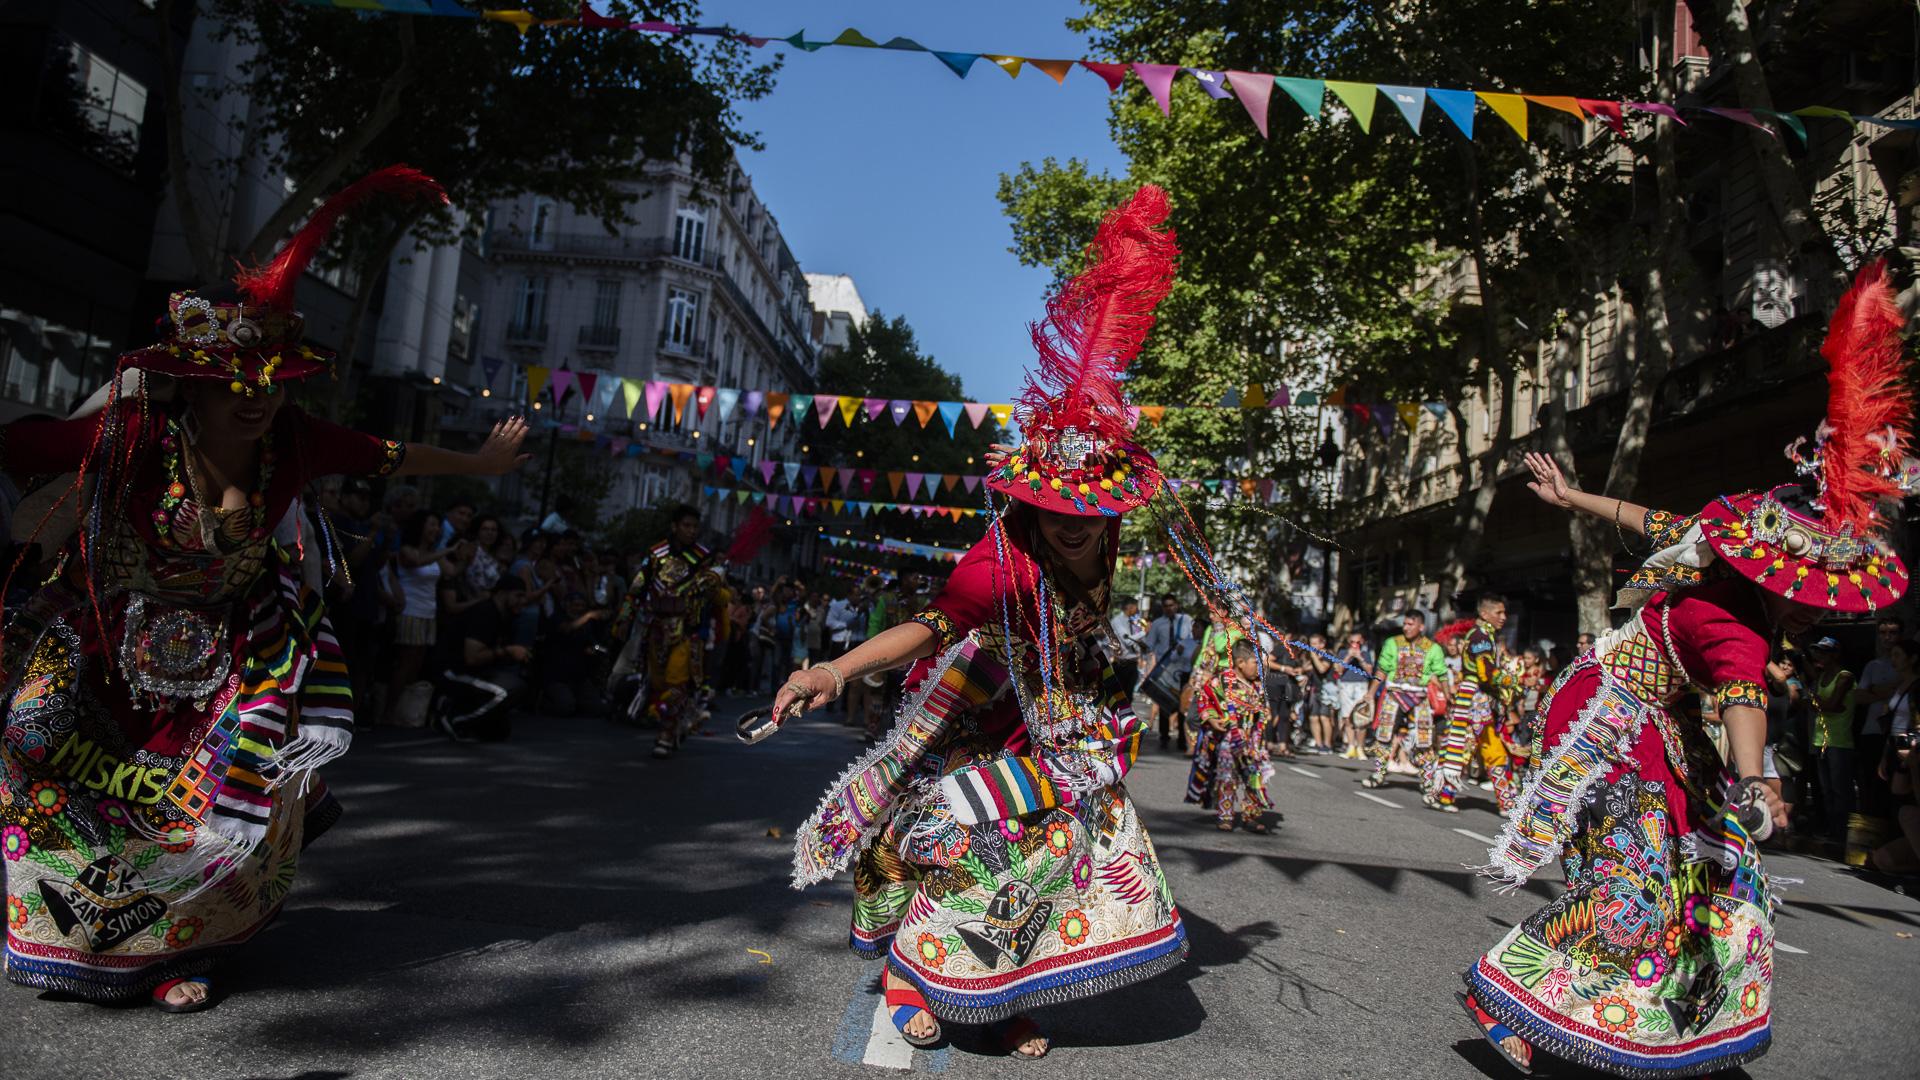 La colectividad boliviana bailó con su vestimenta típica